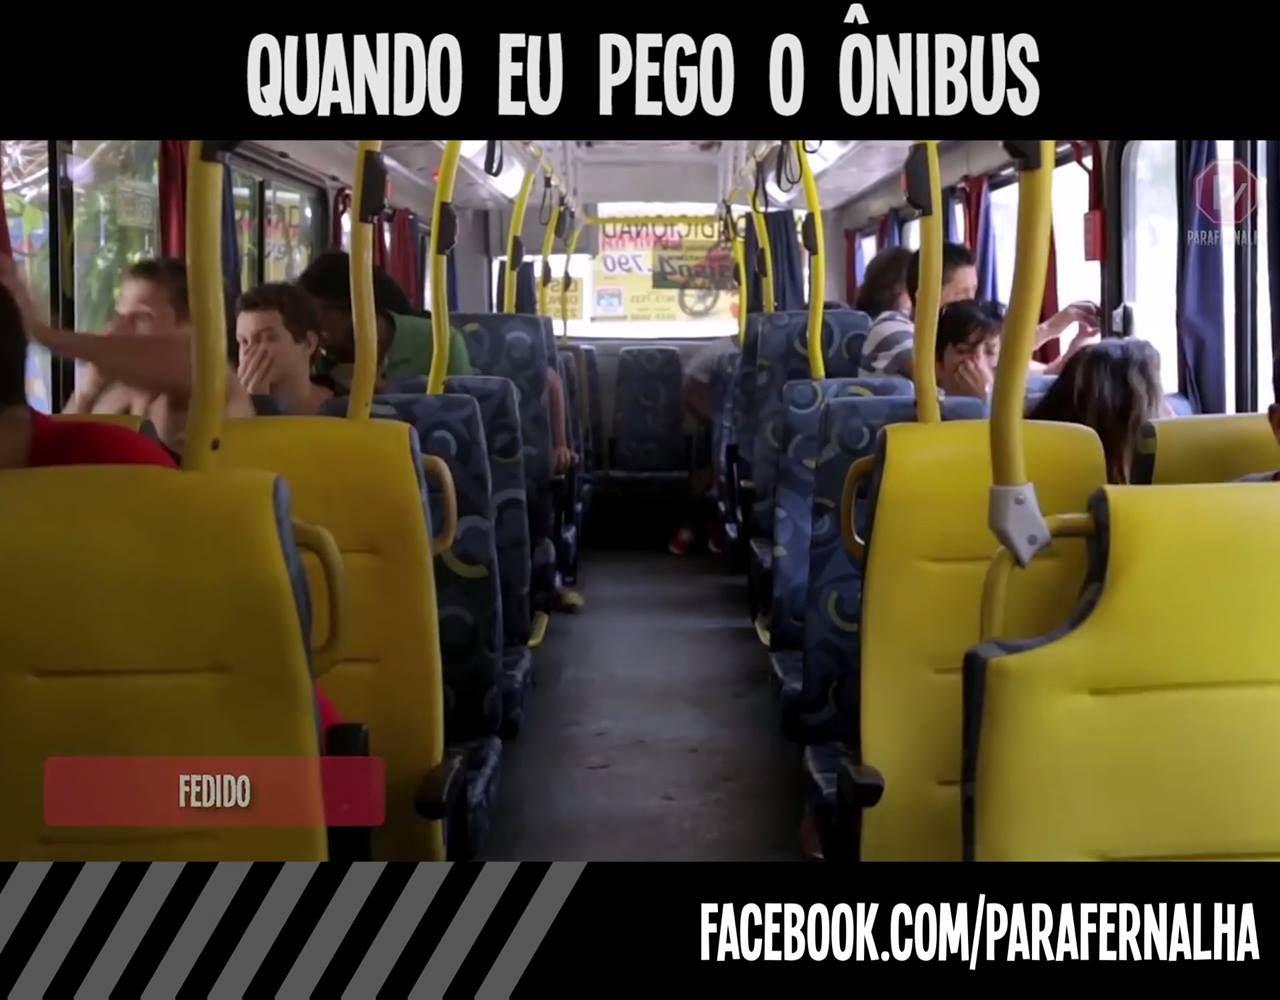 Cada ônibus, uma aventura diferente! Vídeo completo em http://y2u.be/8RV7dDVSbRM